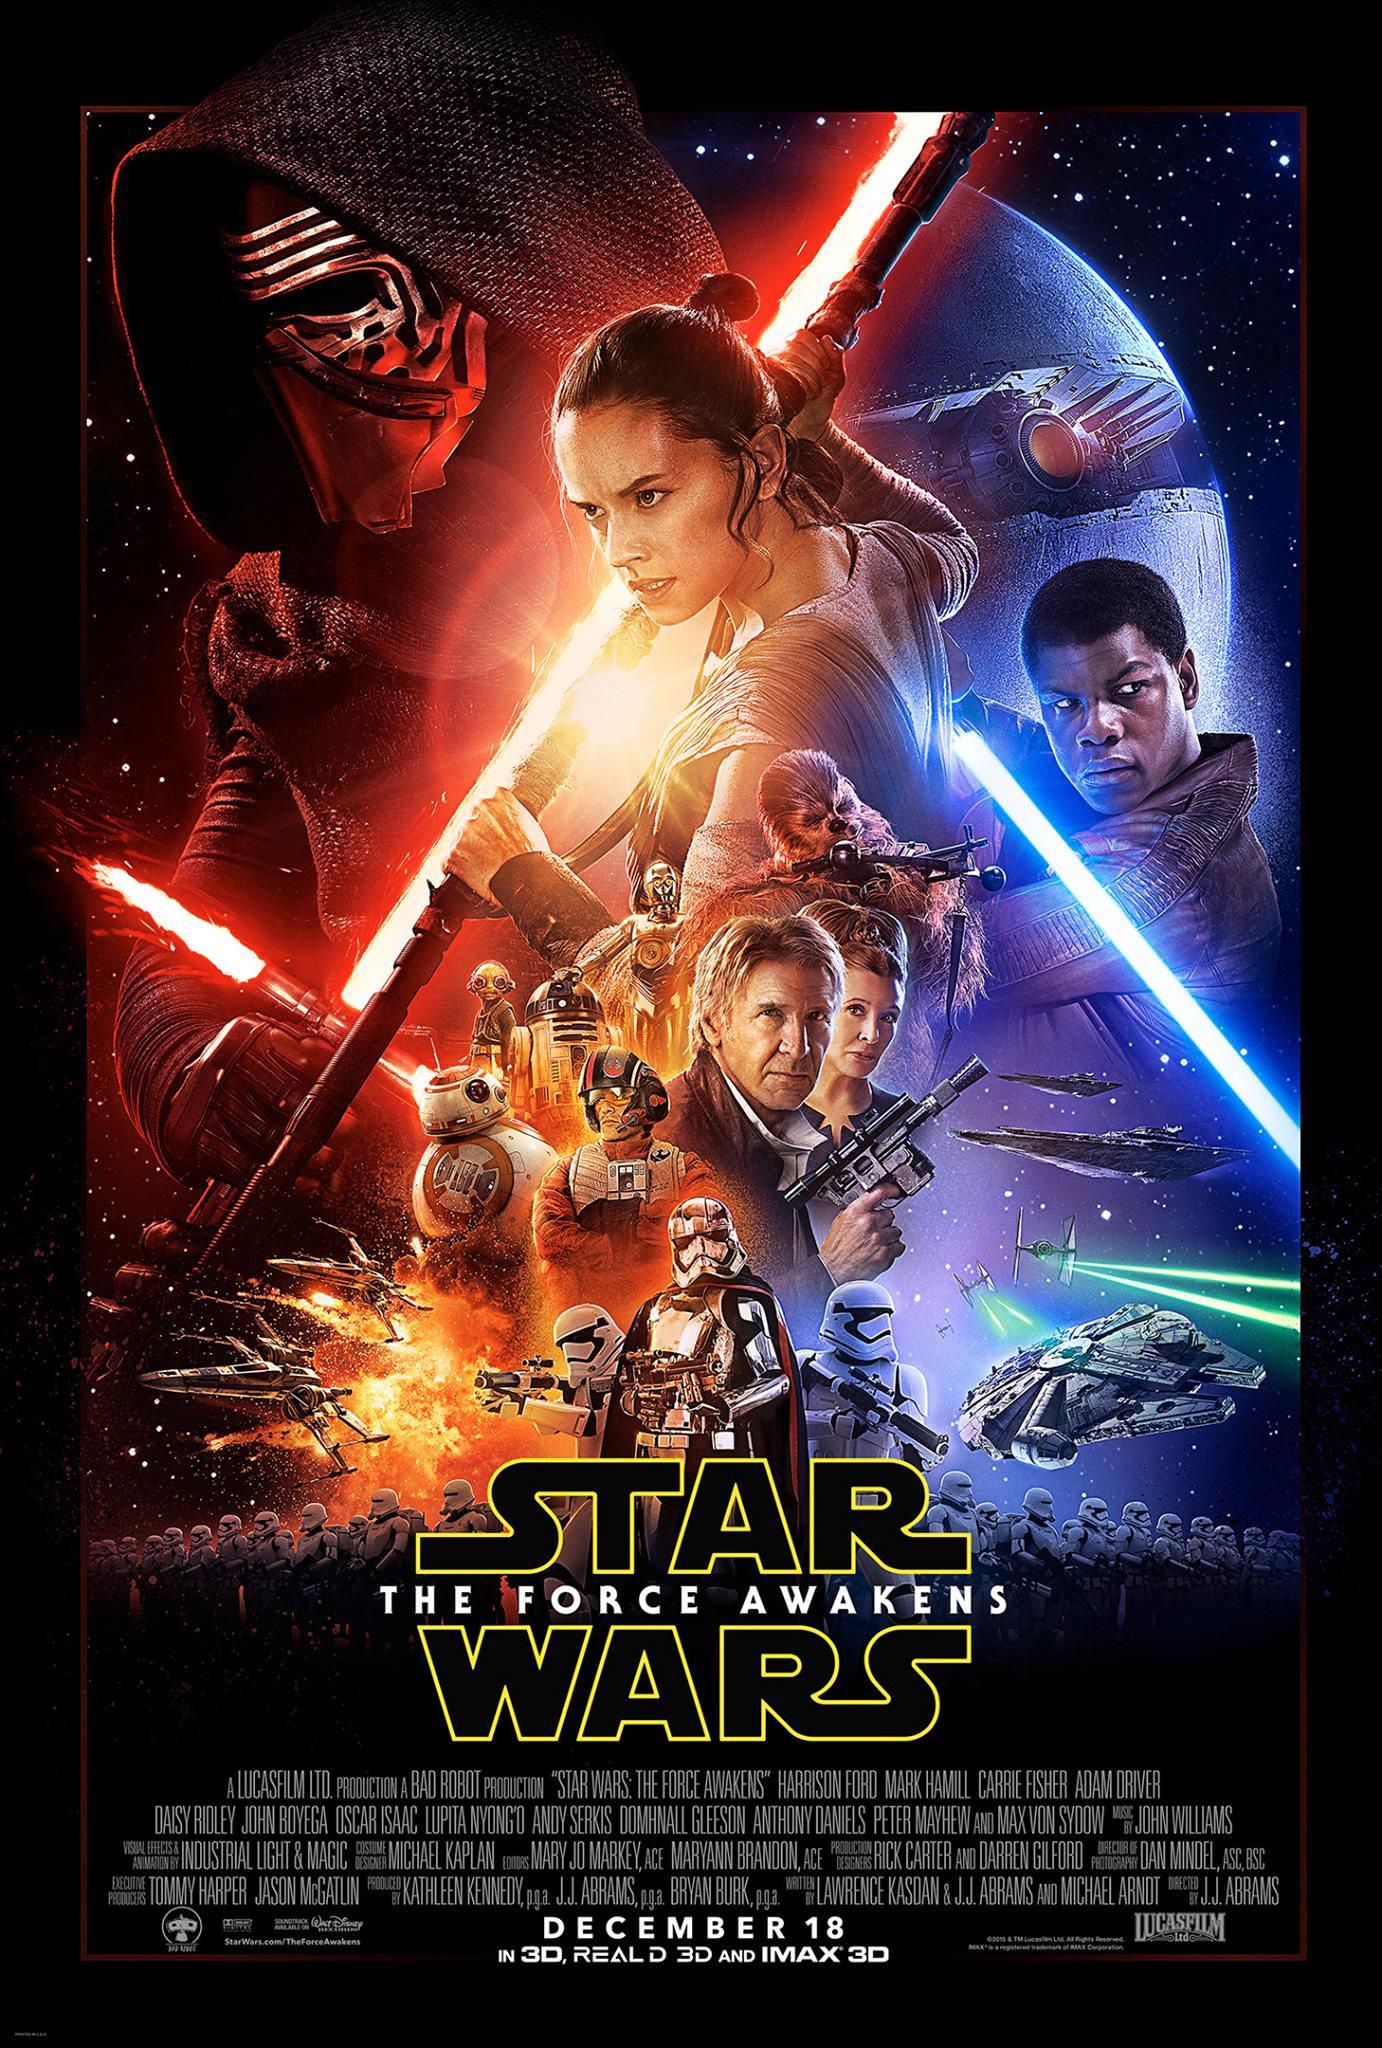 star wars episode vii the force awakens 2015 news. Black Bedroom Furniture Sets. Home Design Ideas